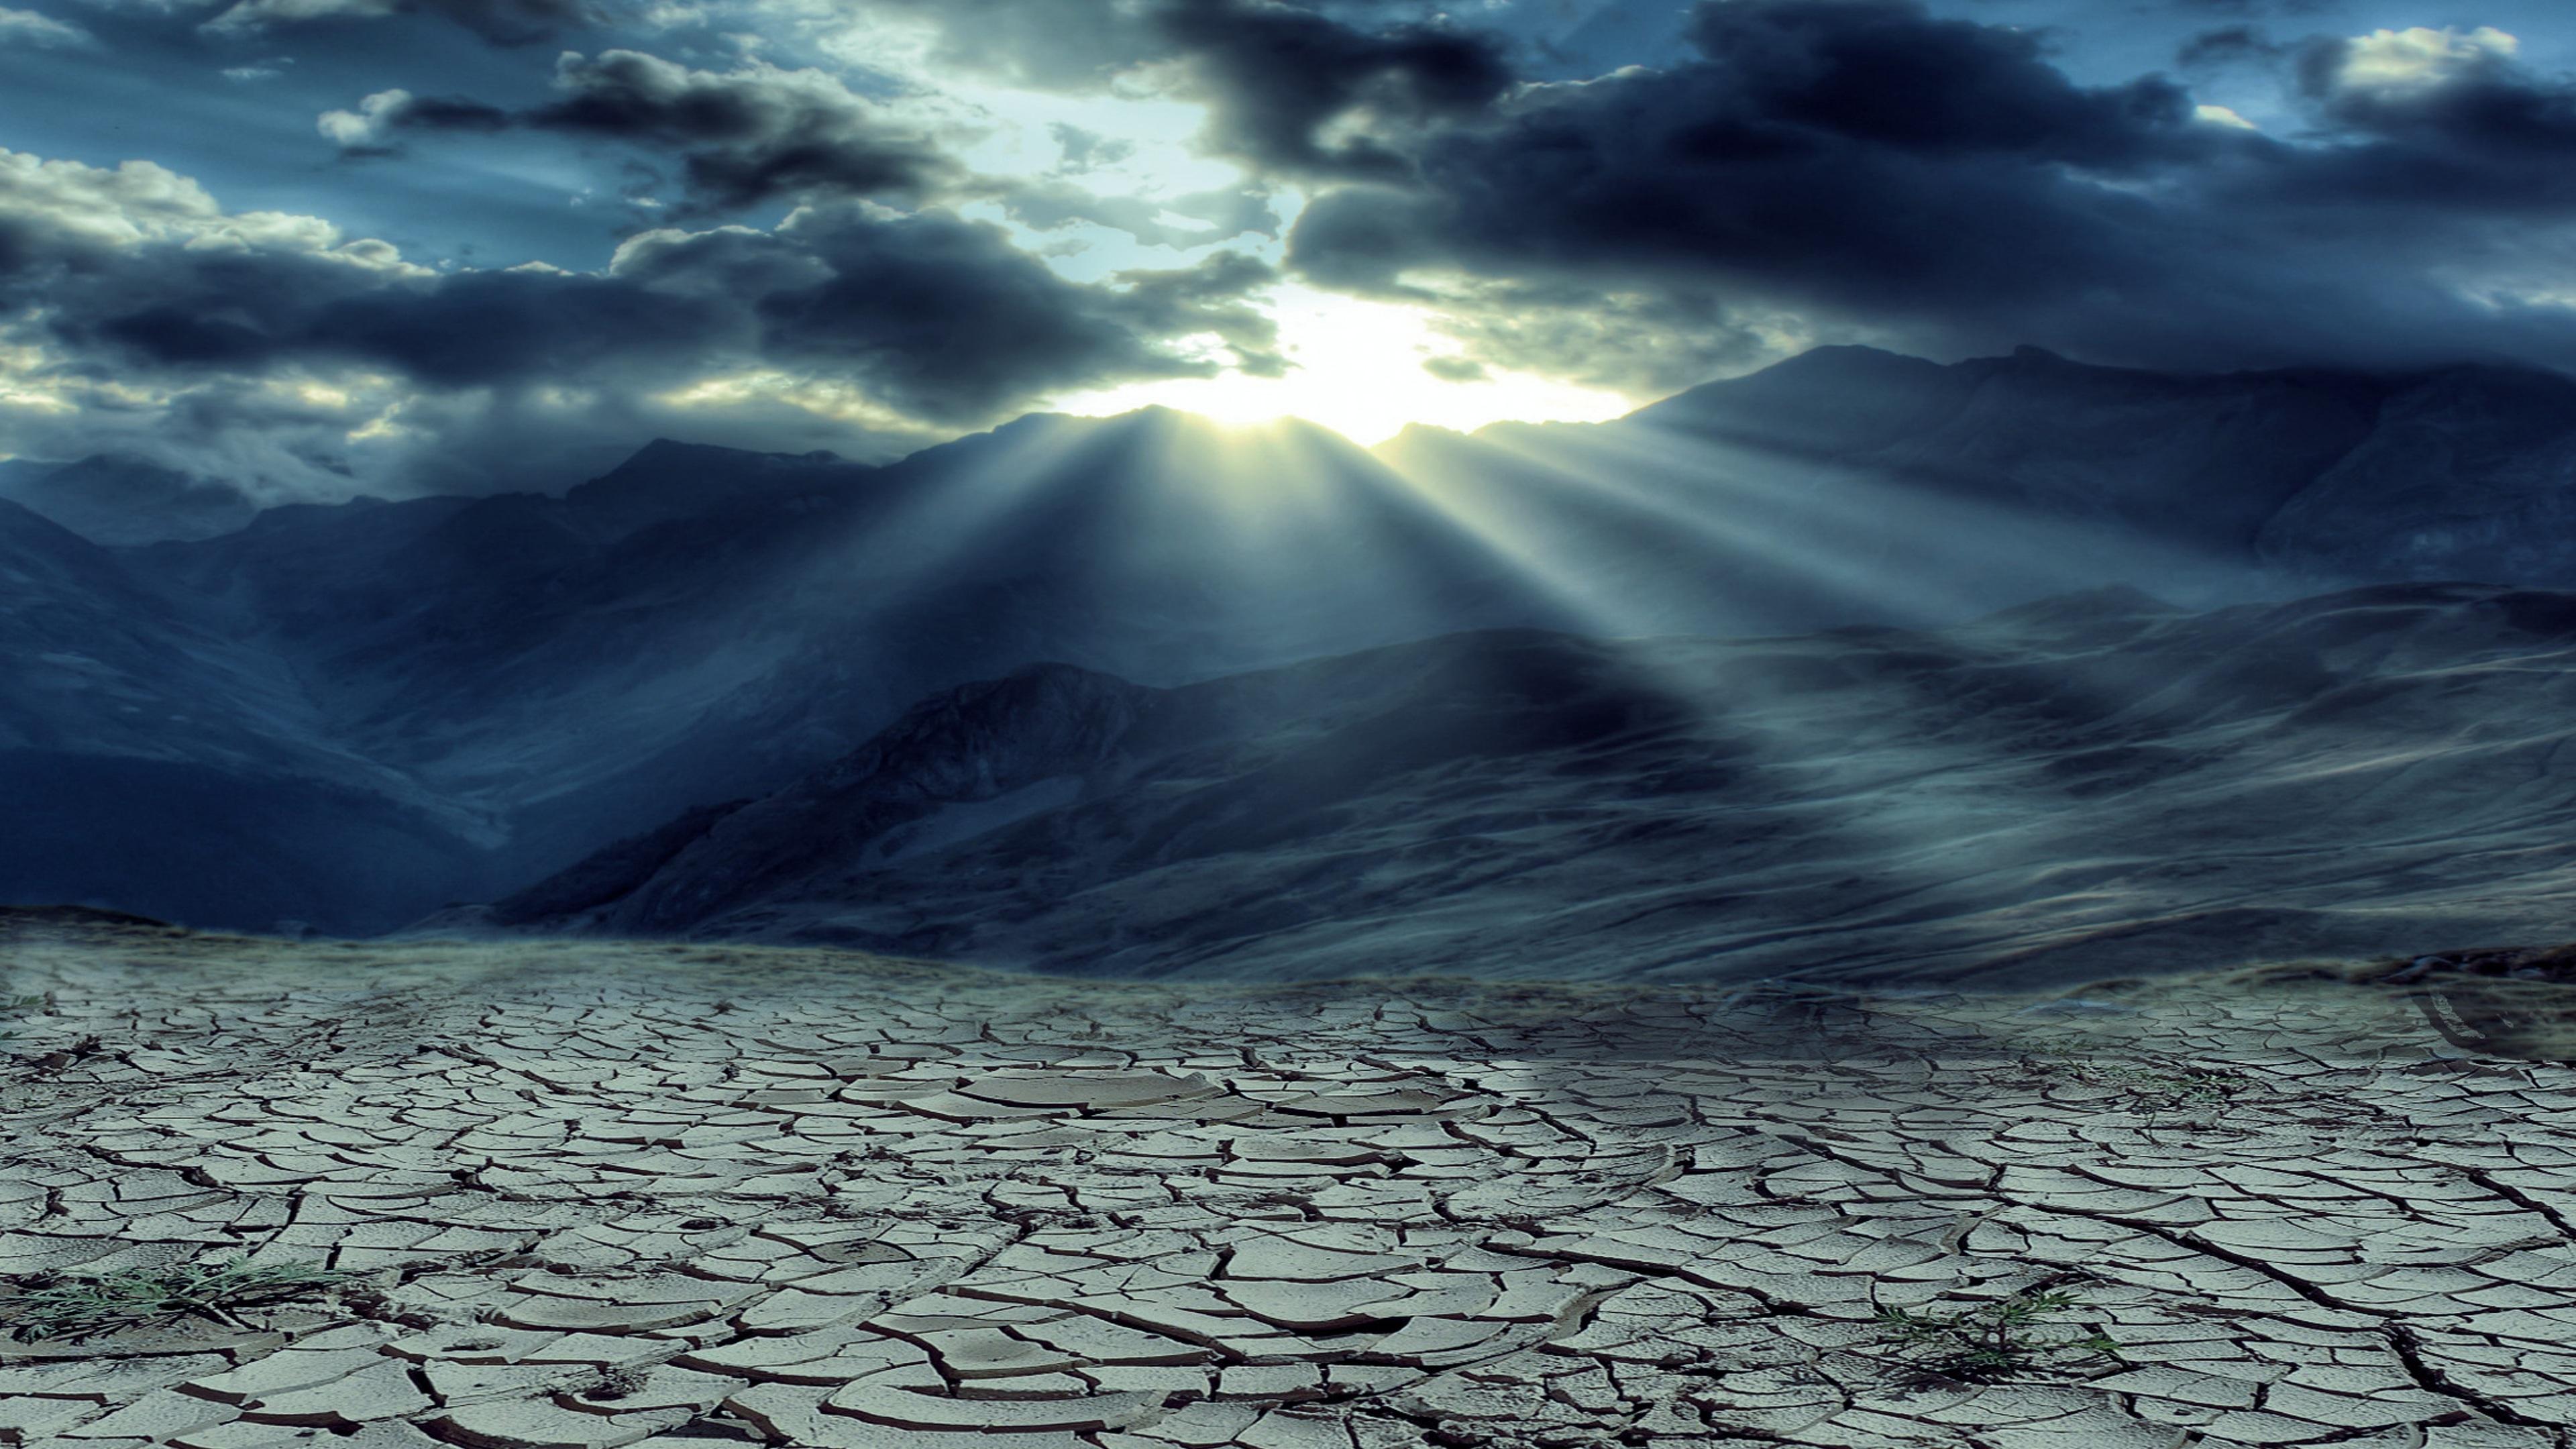 drought mountains cloud sun rays 4k 1540136320 - Drought Mountains Cloud Sun Rays 4k - sky wallpapers, nature wallpapers, mountains wallpapers, hd-wallpapers, drought wallpapers, clouds wallpapers, 5k wallpapers, 4k-wallpapers